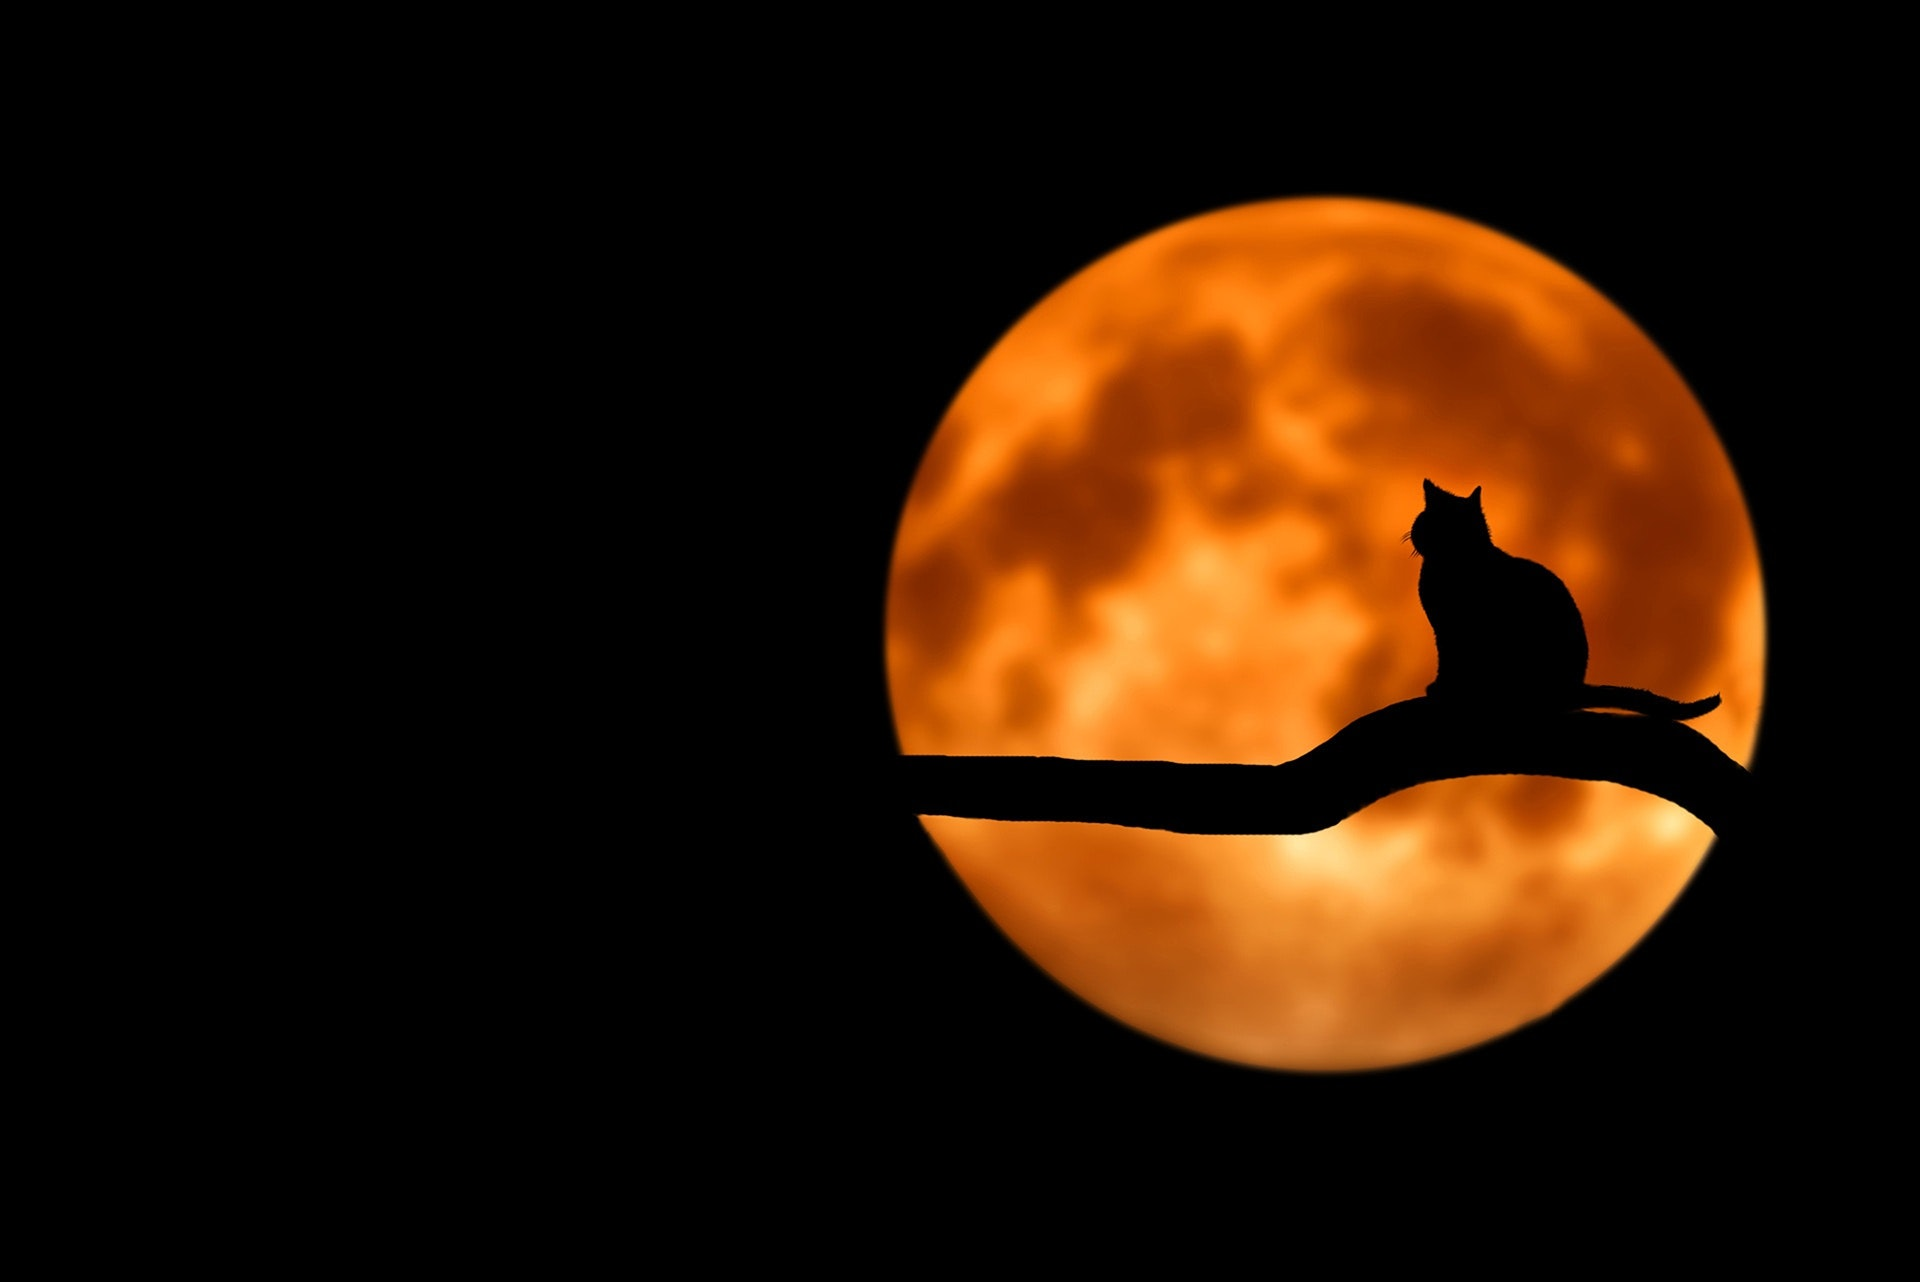 halloween gatti neri superstizione.jpg